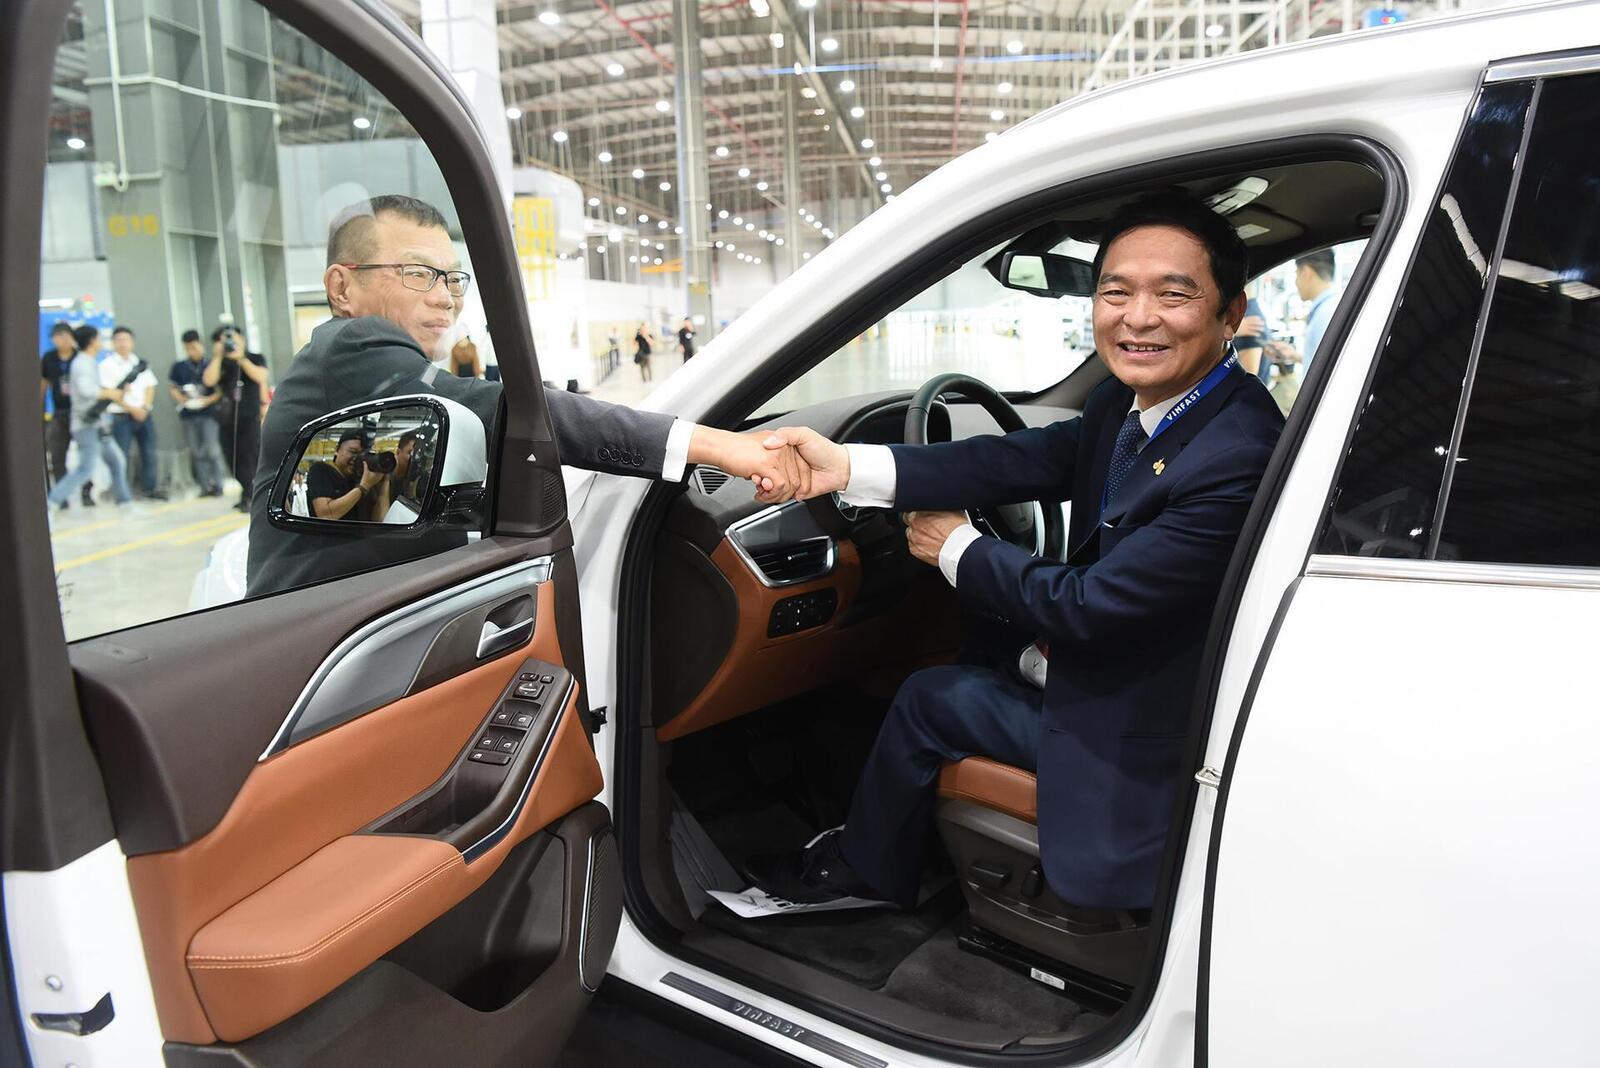 Ông Lê Viết Hải, Tổng giám đốc công ty cổ phần Tập đoàn Xây dựng Hoà Bình là một trong những khách hàng đầu tiên được nhận xe tại nhà máy.